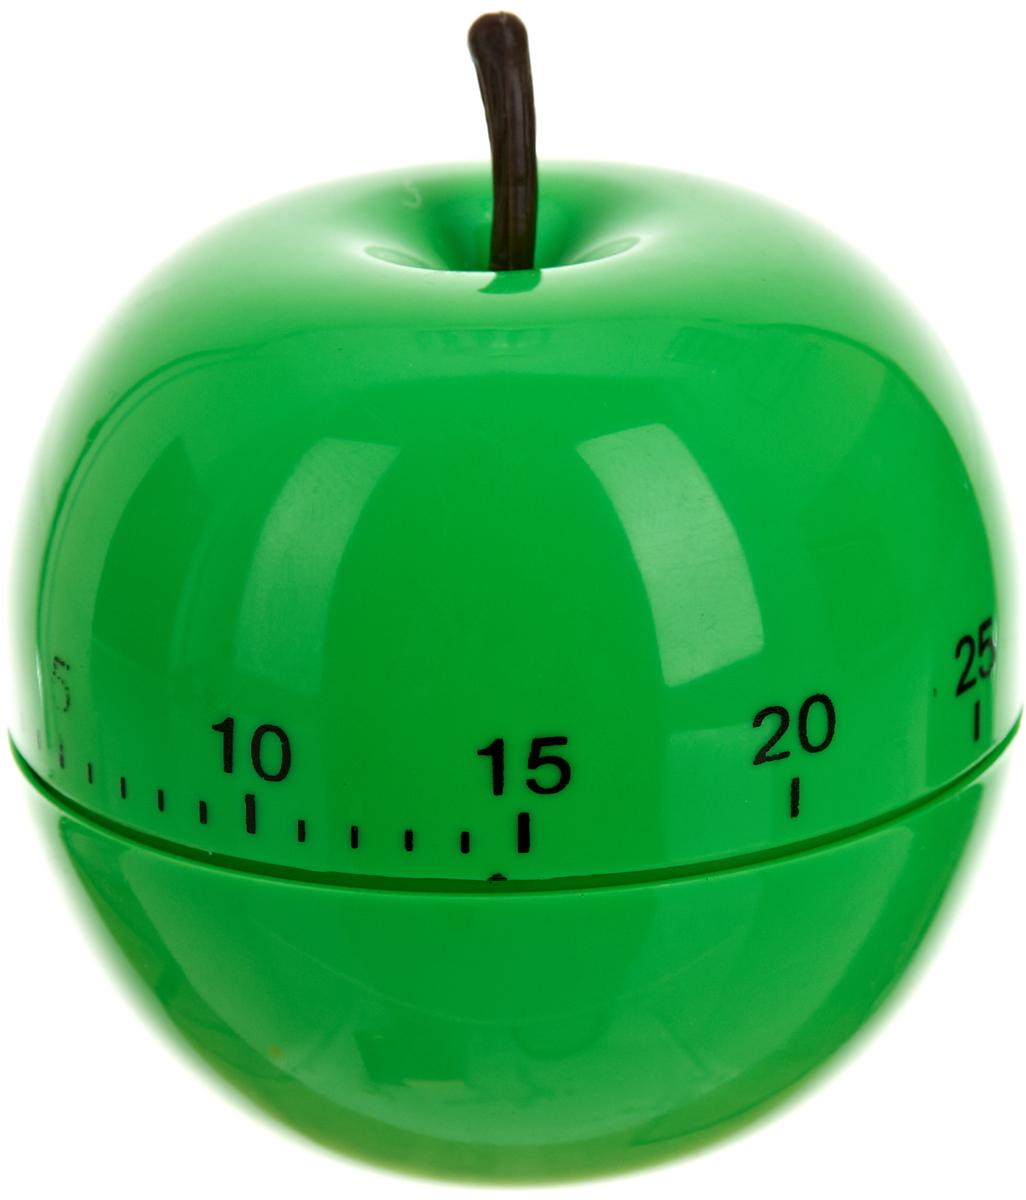 Best Home Kitchen Таймер кухонный Зеленое яблоко, на 60 минут, цвет: светло-зеленый4440006Механический кухонный таймер Best Home Kitchen Зеленое яблоко изготовлен из цветного пластика. Максимальное время, на которое Вы можете поставить таймер, составляет 60 минут. После того, как время истечет, таймер громко зазвенит. Оригинальный дизайн таймера украсит интерьер любой современной кухни, и теперь Вы сможете без труда вскипятить молоко, отварить пельмени или вовремя вынуть из духовки аппетитный пирог.